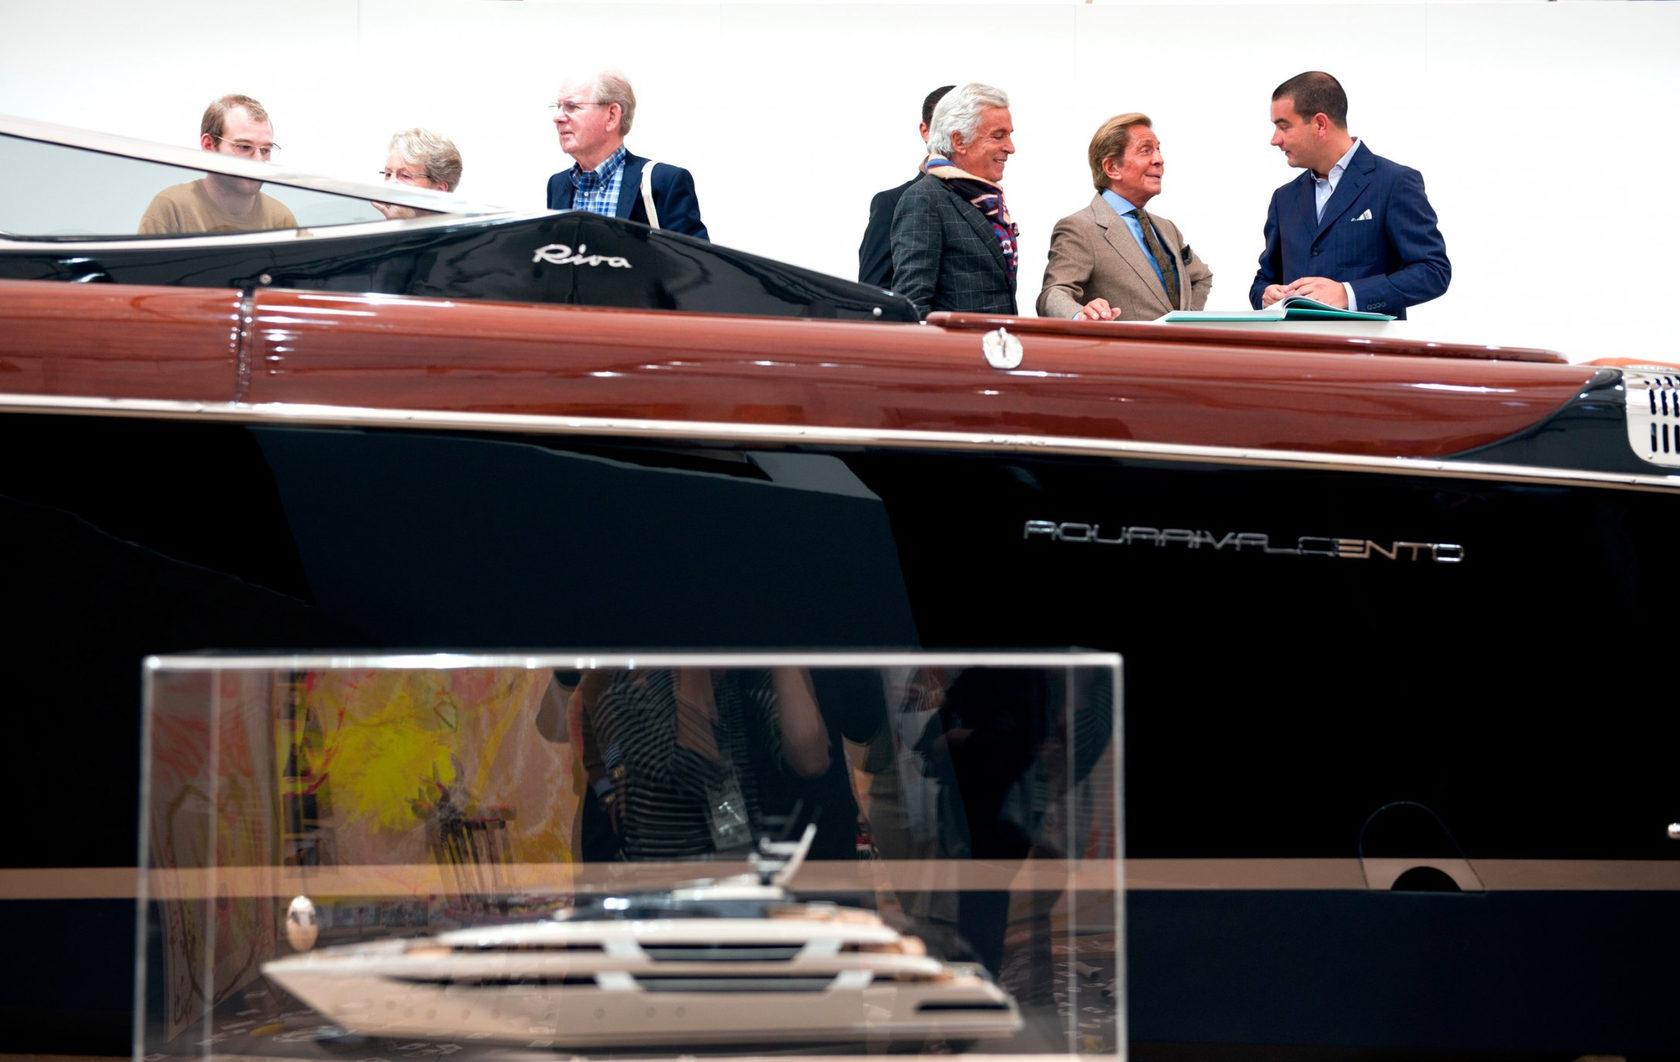 Кристиан Янковский «Лучшее искусство на воде» (2011). Вид инсталляции на ярмаркеFrieze, Лондон. Источник: christianjanko